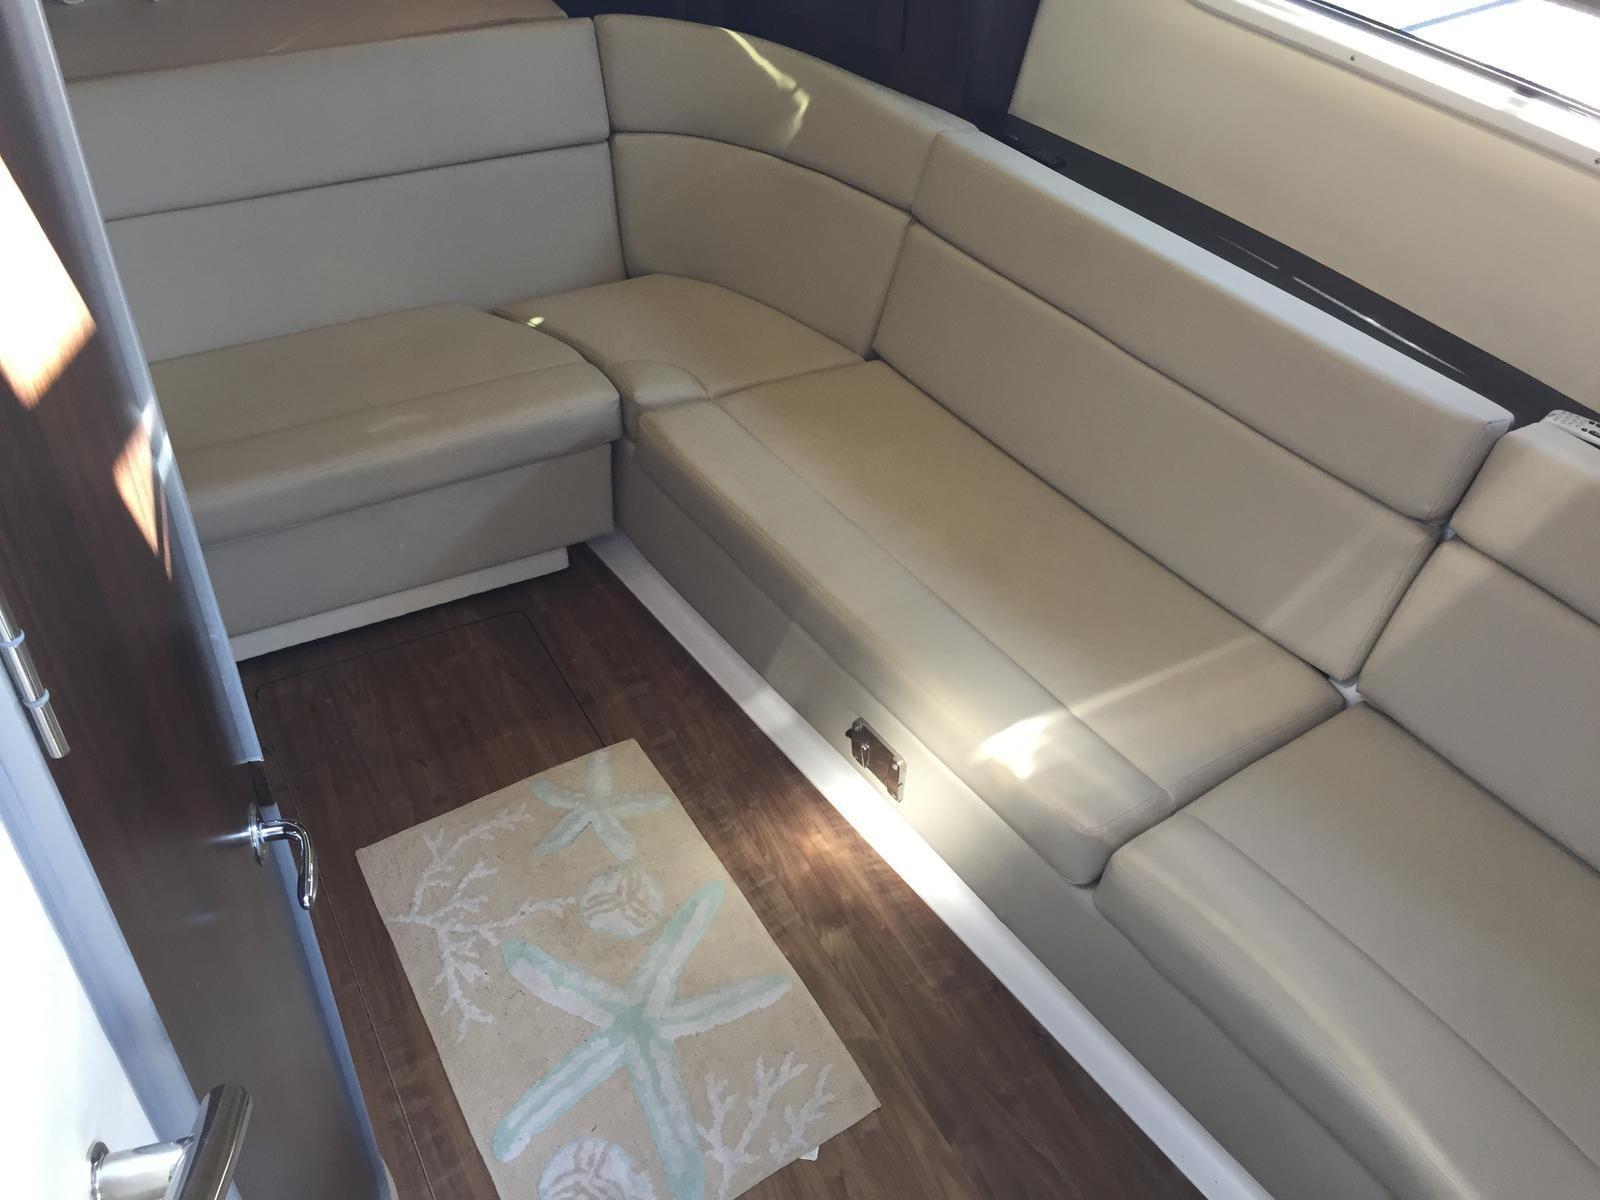 Regal 35 Sport Coupe - Salon settee